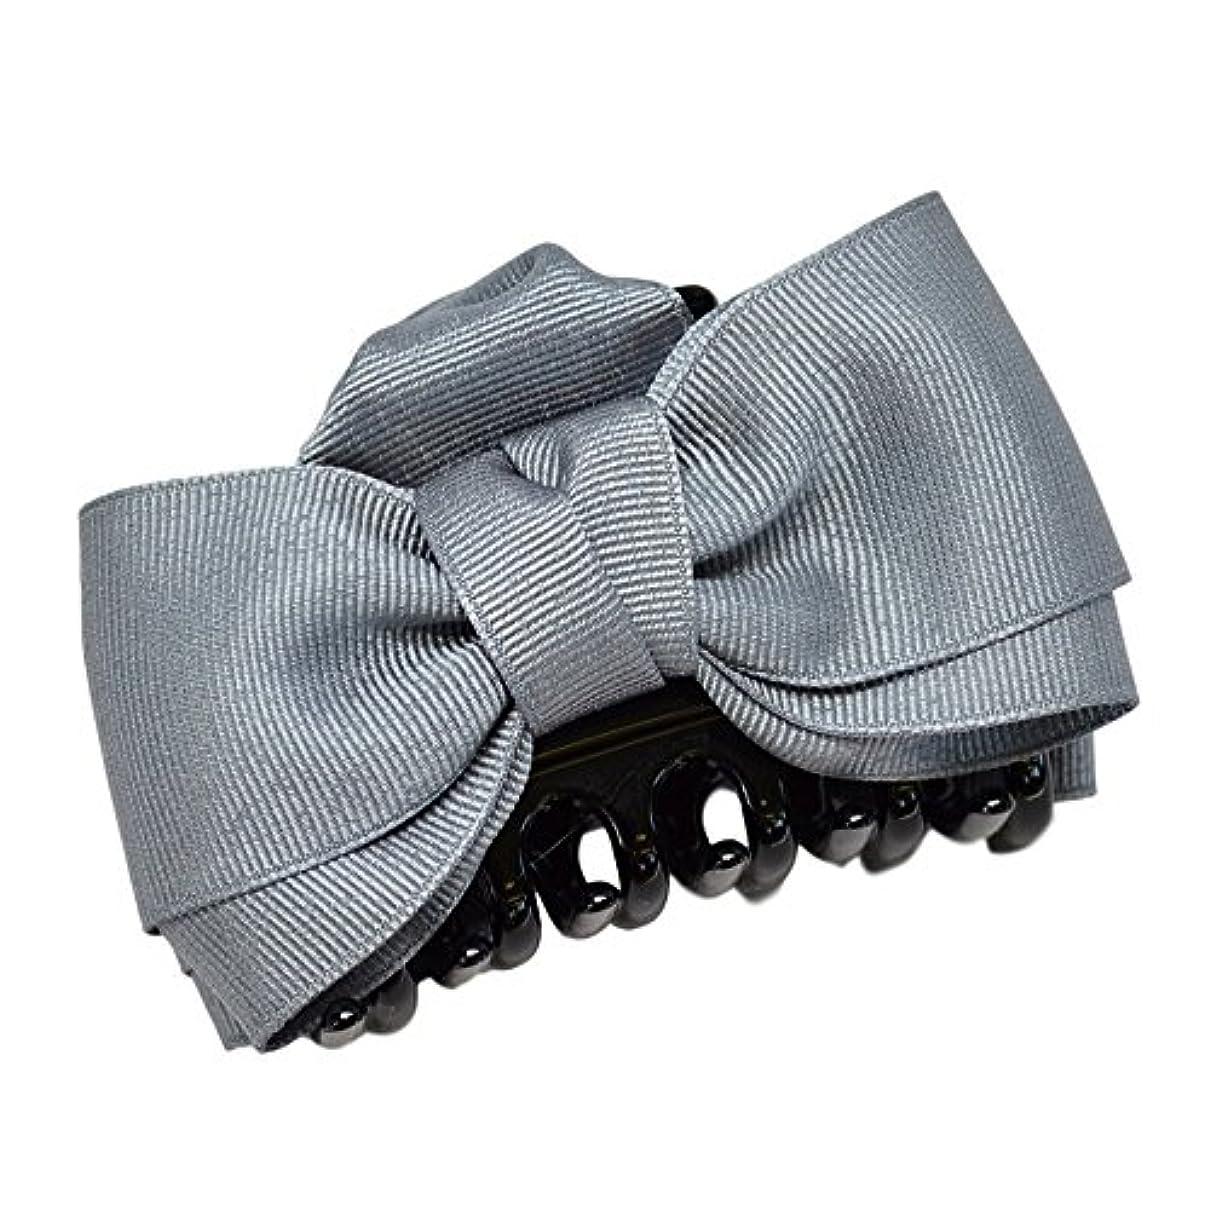 (ヴィラジオ)Viragio ヘアクリップ リボン 大 大きめ バンスクリップ 黒 シンプル ヘアアクセサリー 髪留め 髪飾り ブランド vi-0258